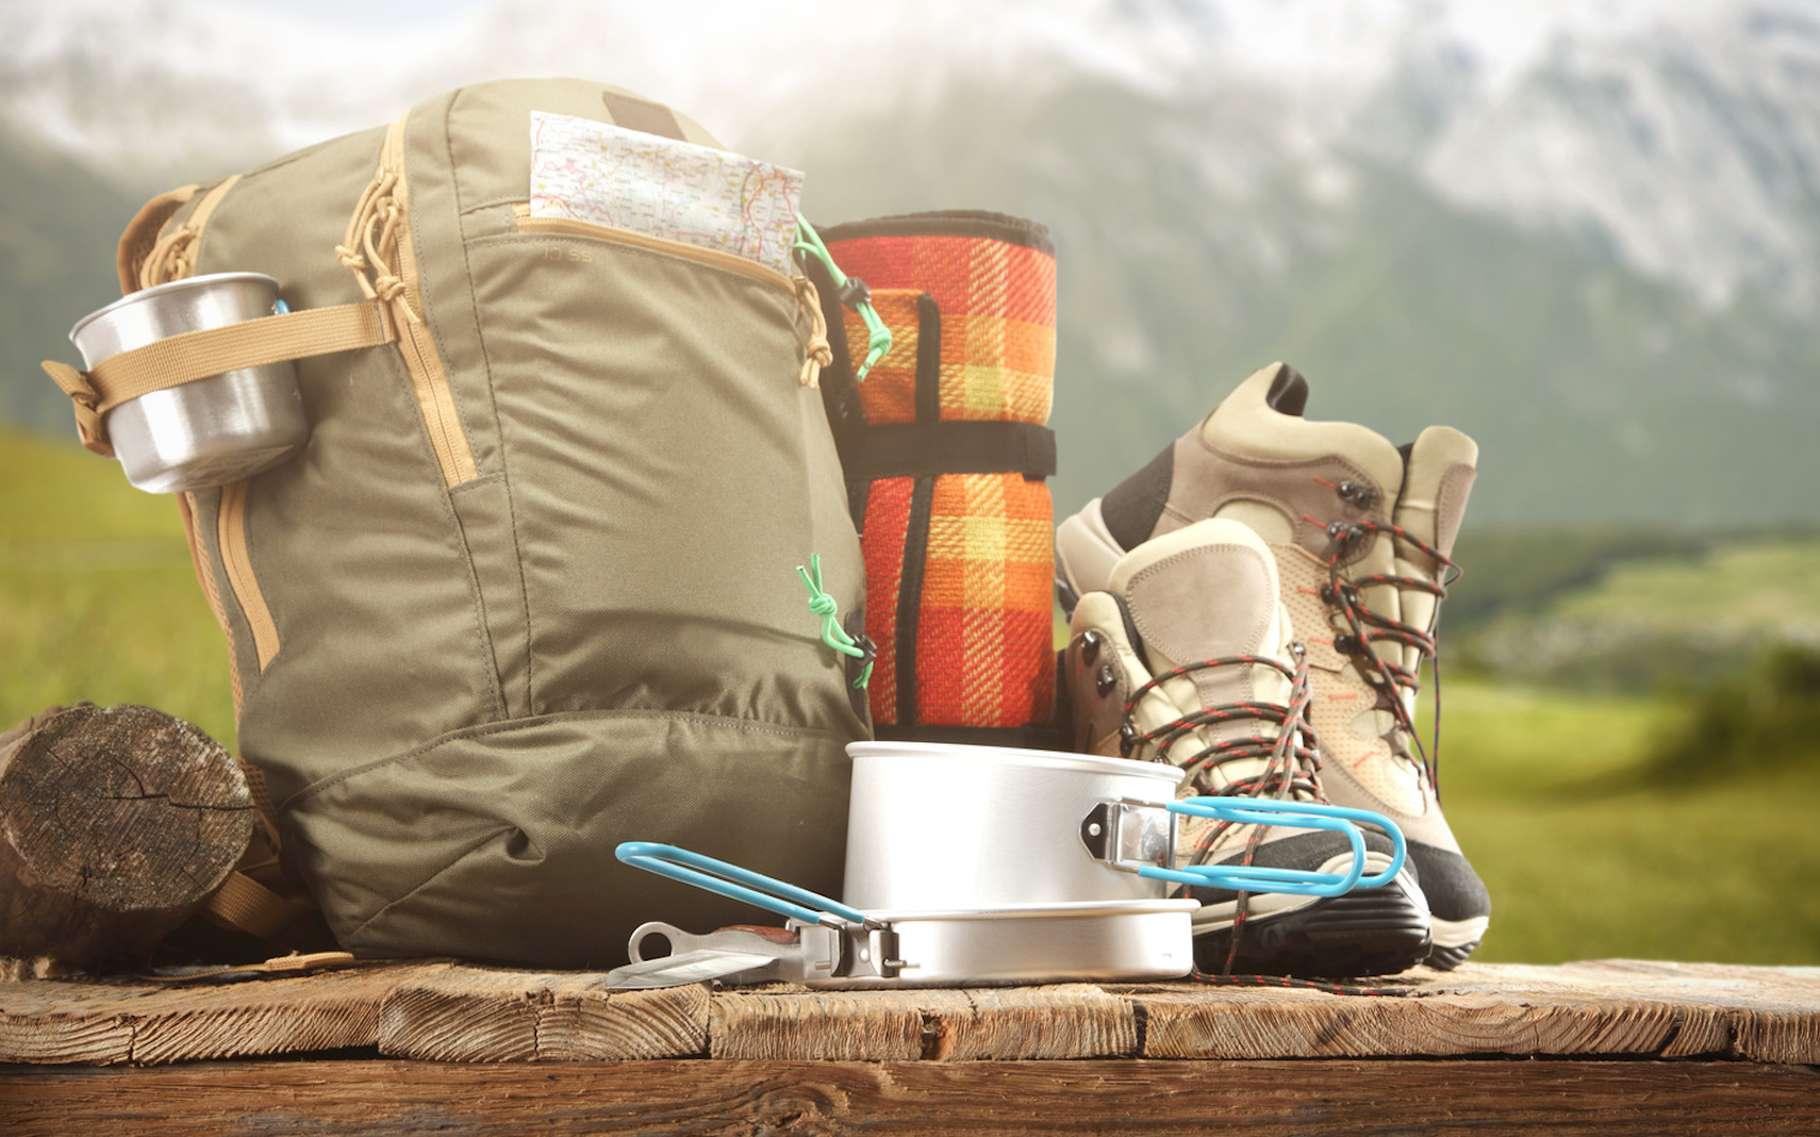 Partir pour une randonnée en montagne, ça ne s'improvise pas. Surtout si c'est pour plusieurs jours. Il faut alors prévoir l'équipement adapté. © magdal3na, Fotolia